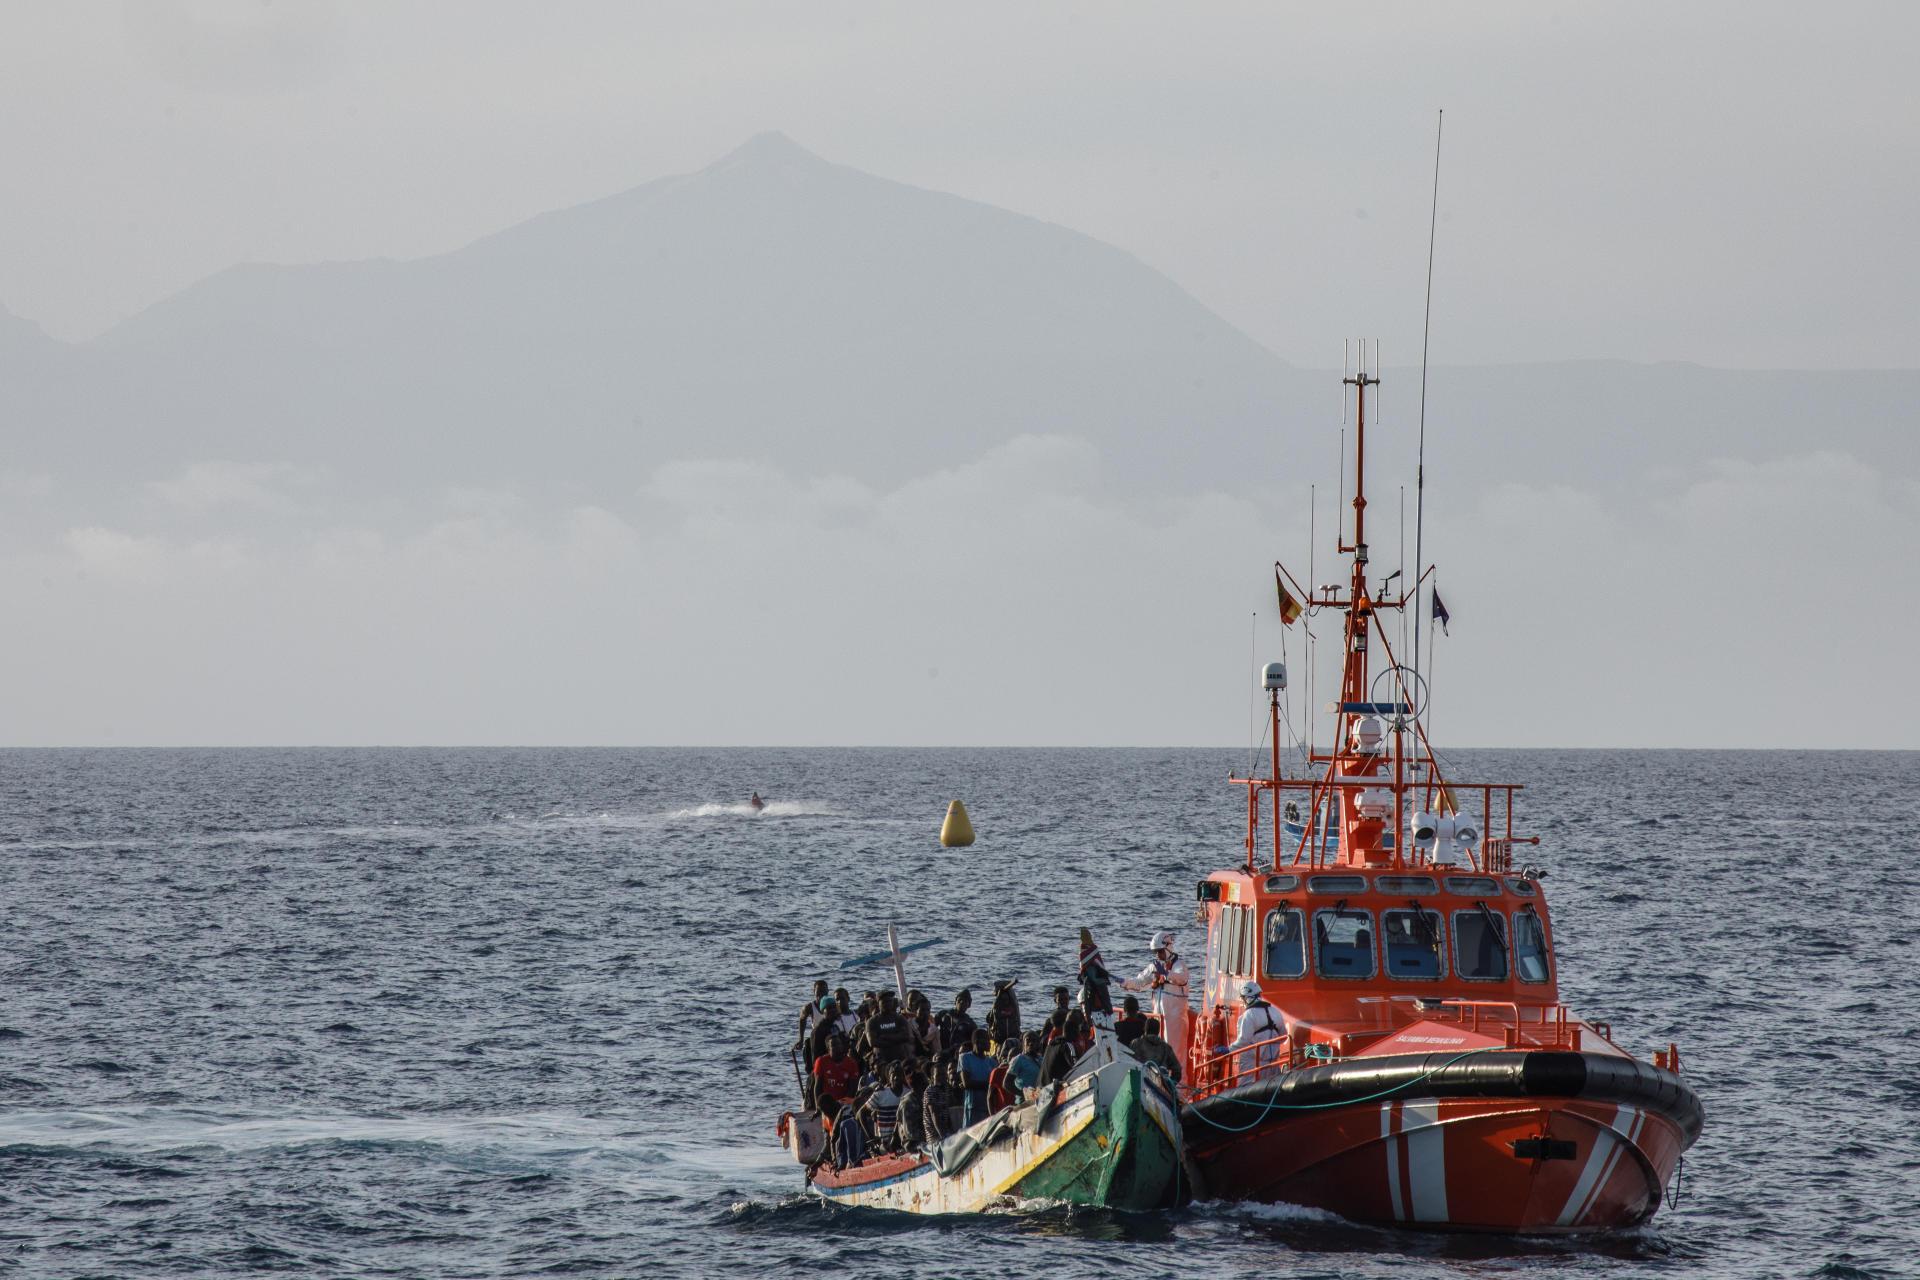 Un navire de sauvetage maritime amène à Puerto de Arguineguin un canoë avec 128 hommes et une femme.